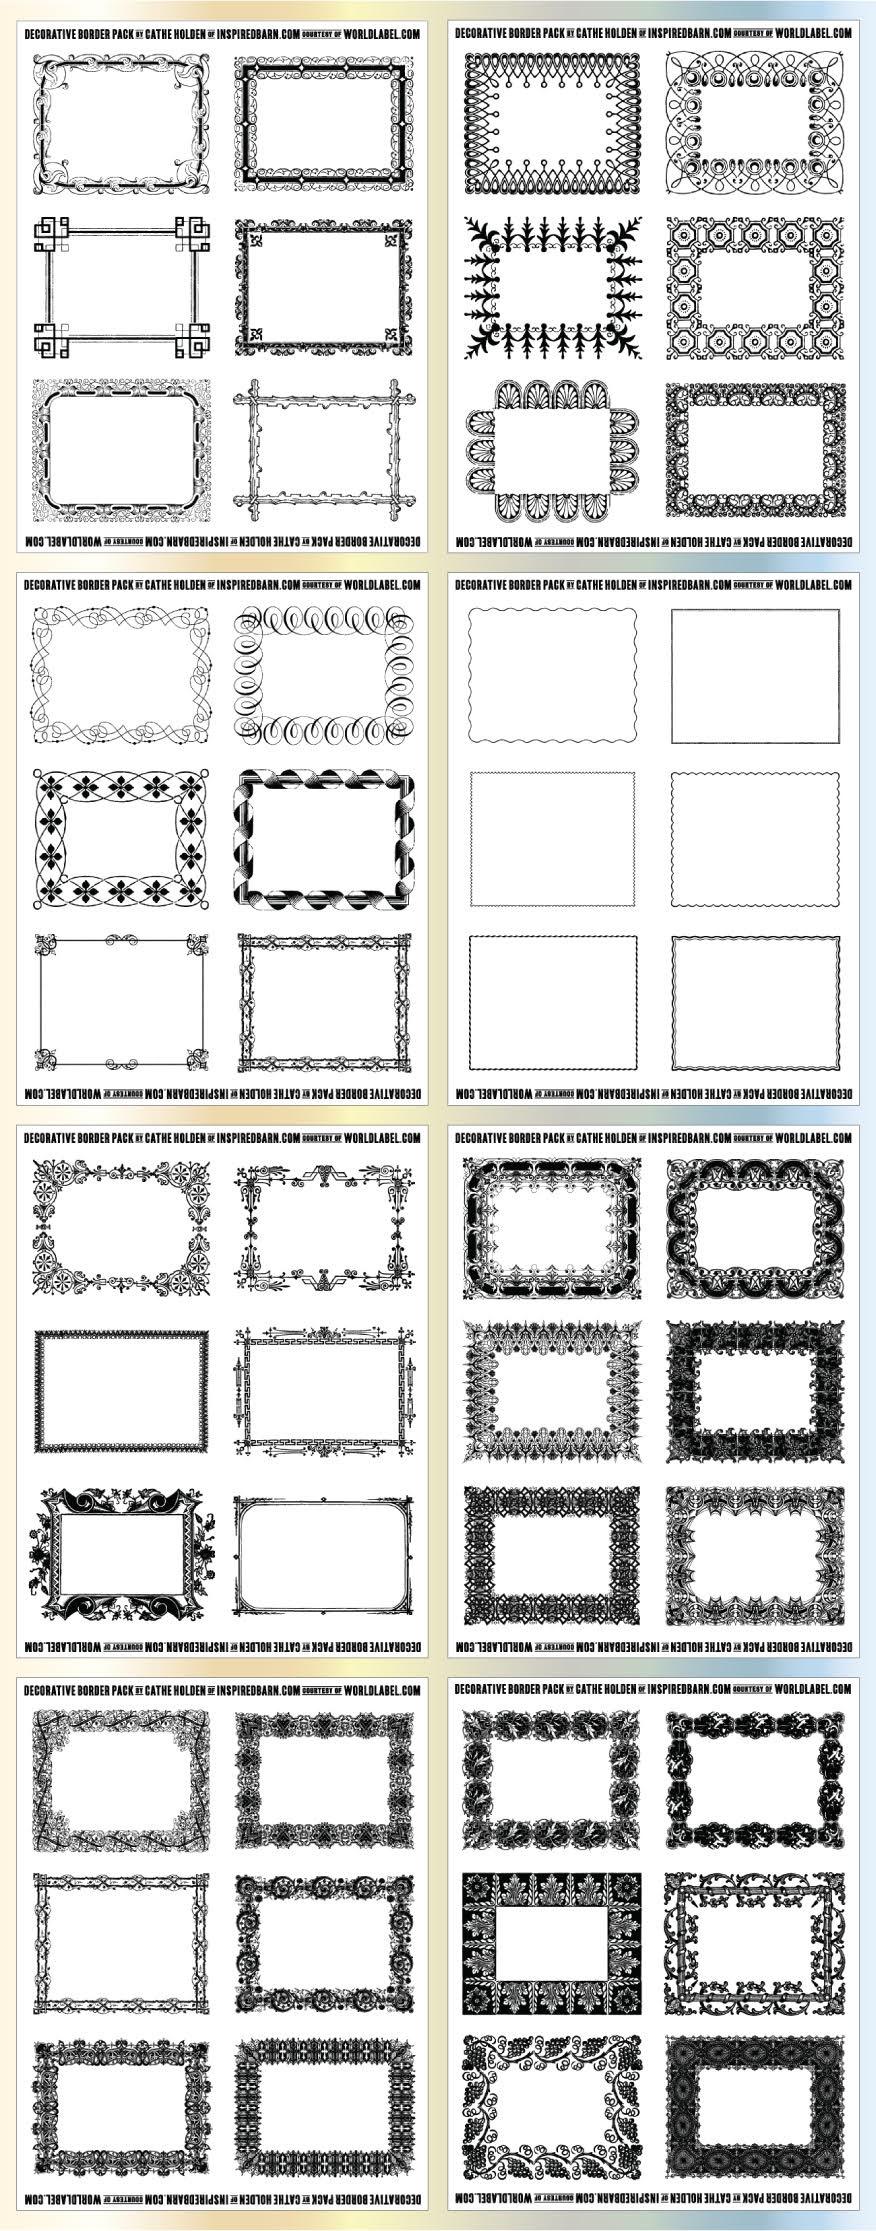 Free Printable Labels & Templates, Label Design @worldlabel Blog - Fancy Labels Printable Free